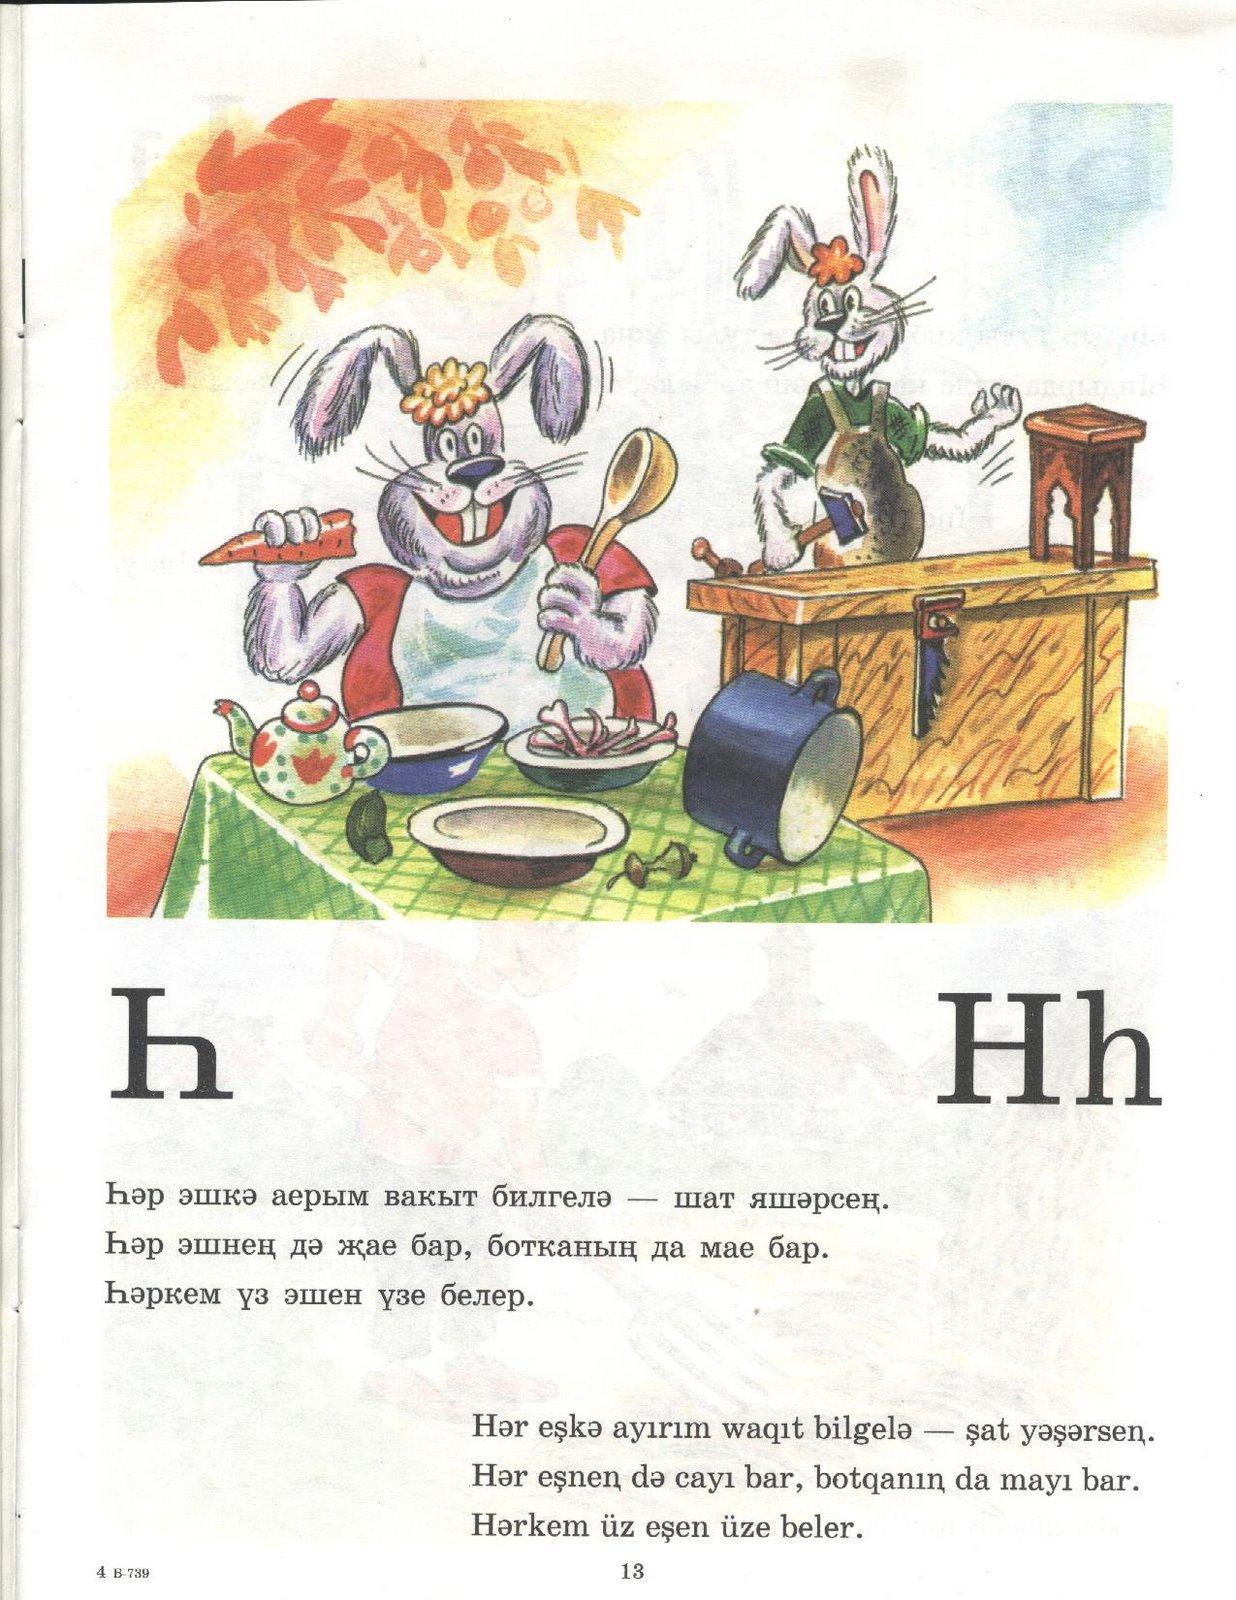 Kril-Latin Öğrenü Hh